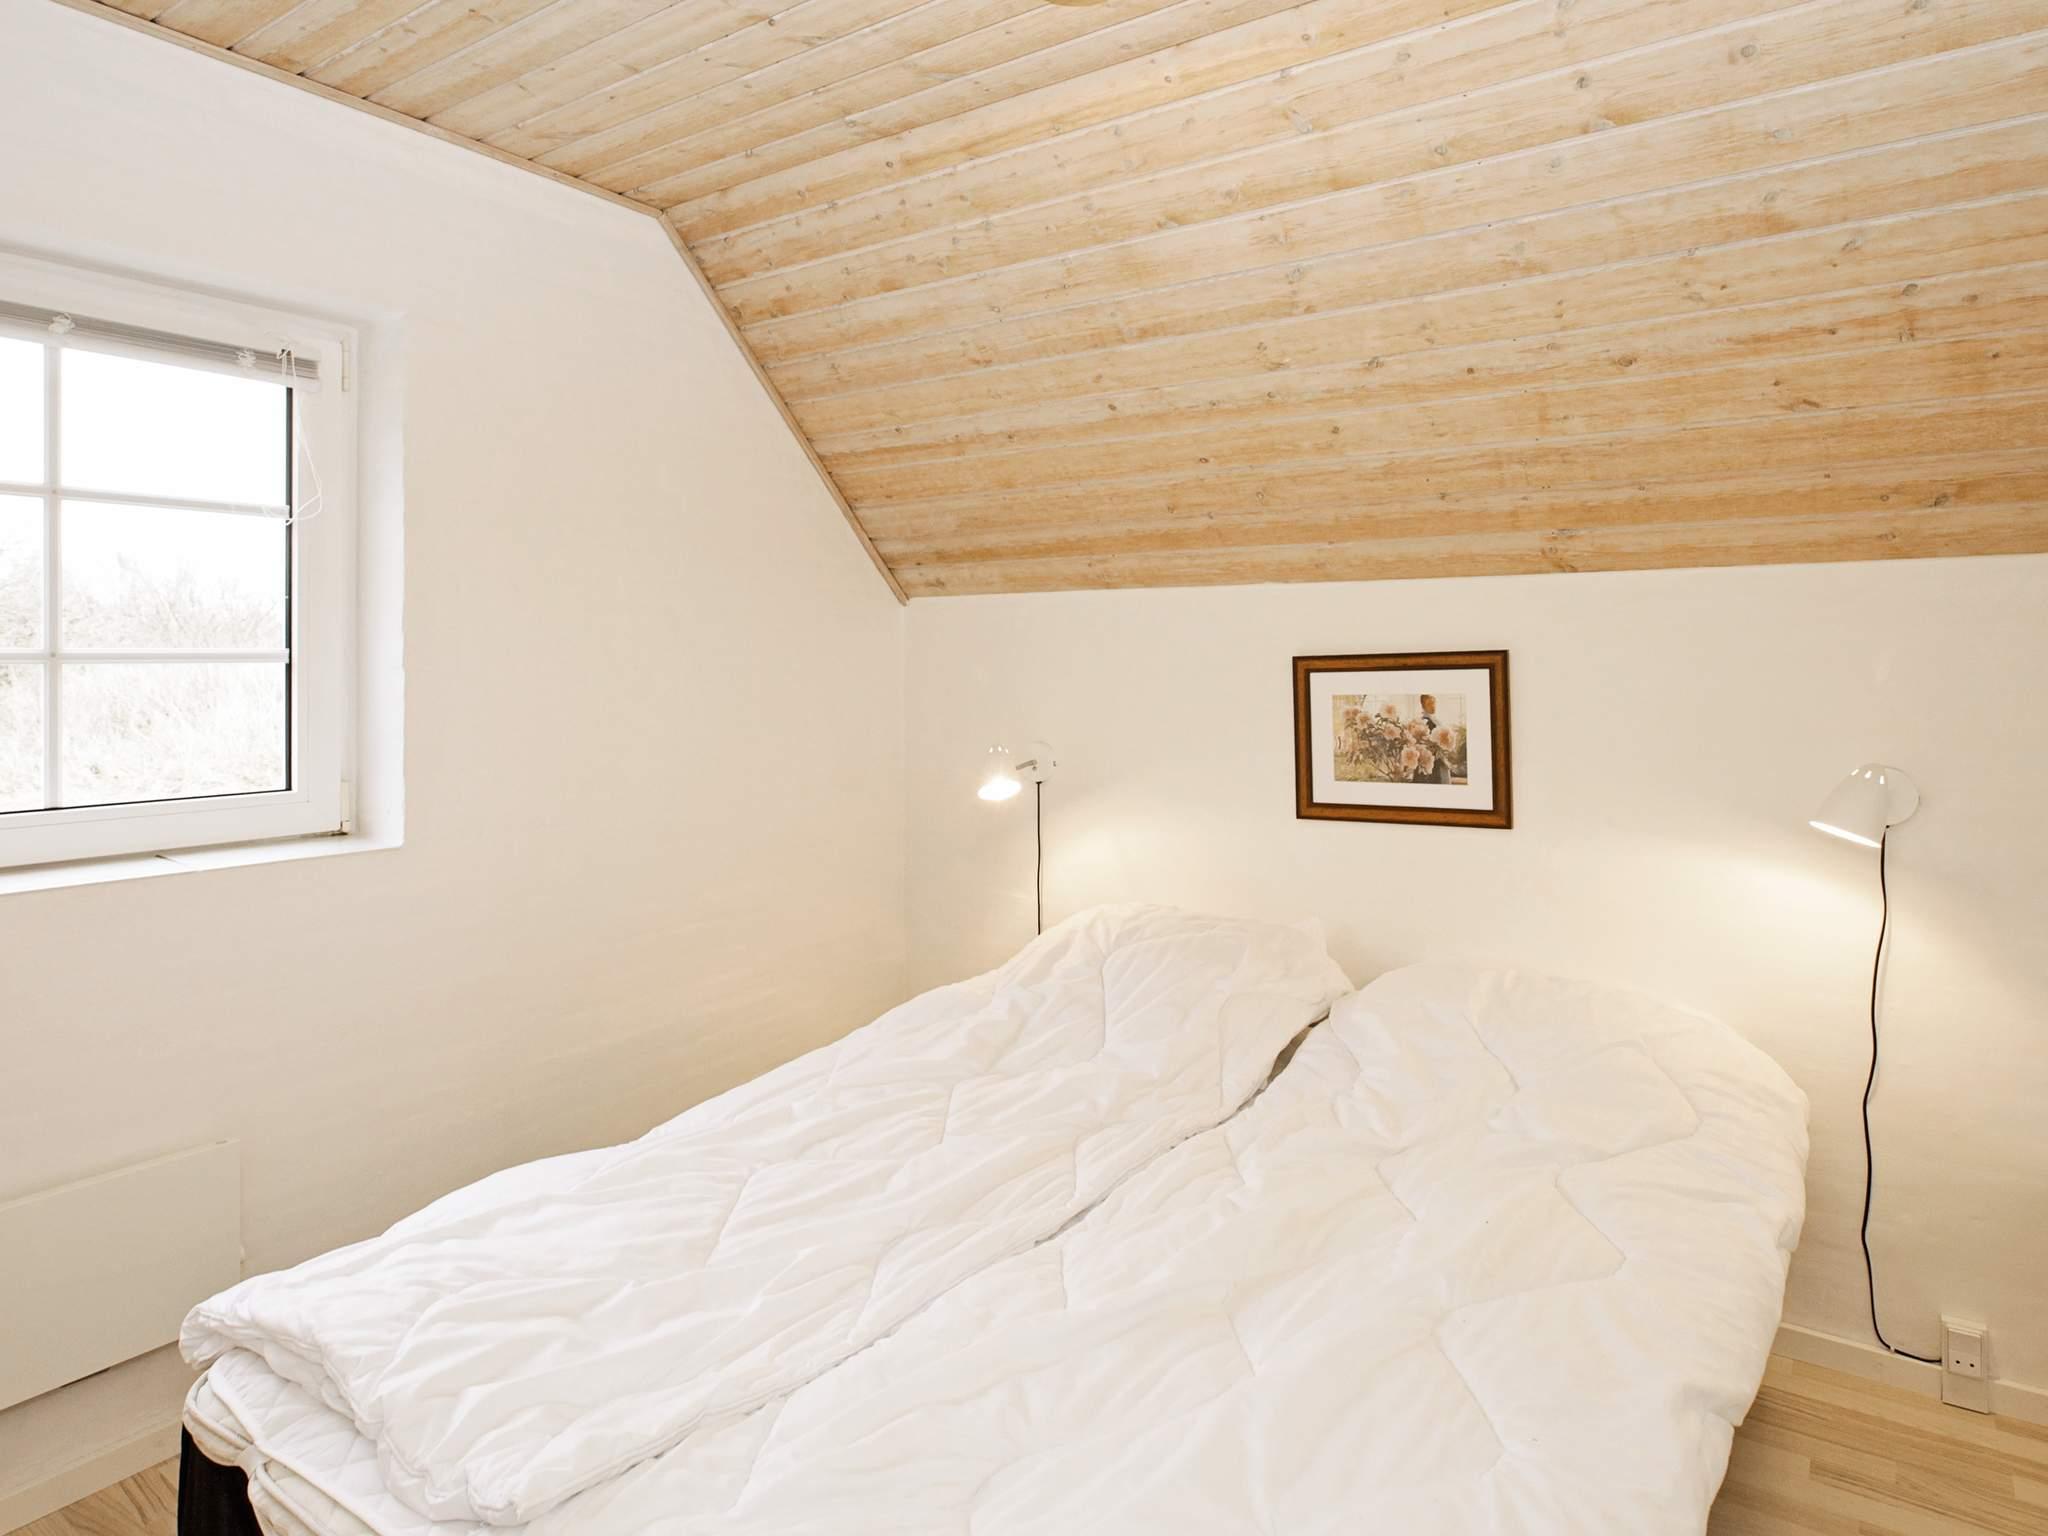 Ferienhaus Vester Husby (84236), Ulfborg, , Westjütland, Dänemark, Bild 16